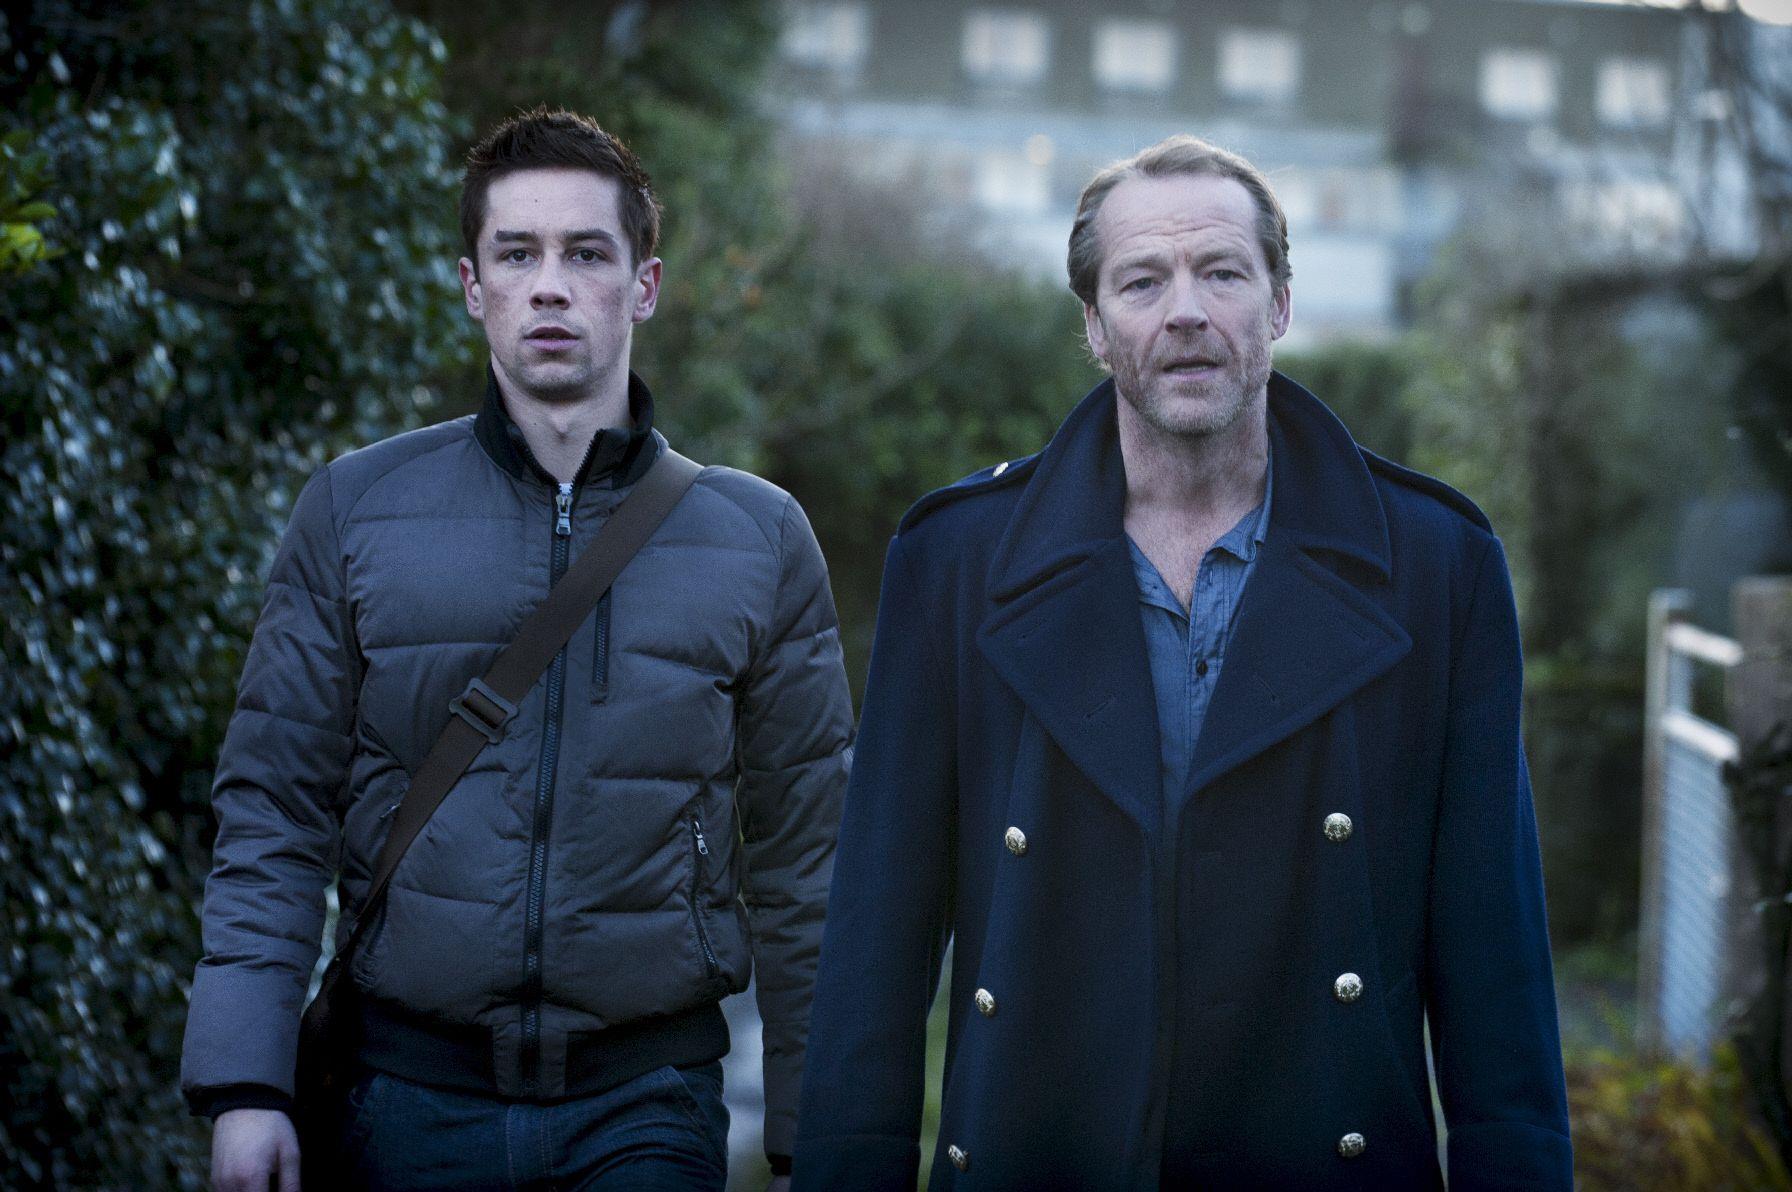 Entschlossen folgen Jack Taylor und Cody jeder Spur, die die korrupte Polizei bewusst vernachlässigt.